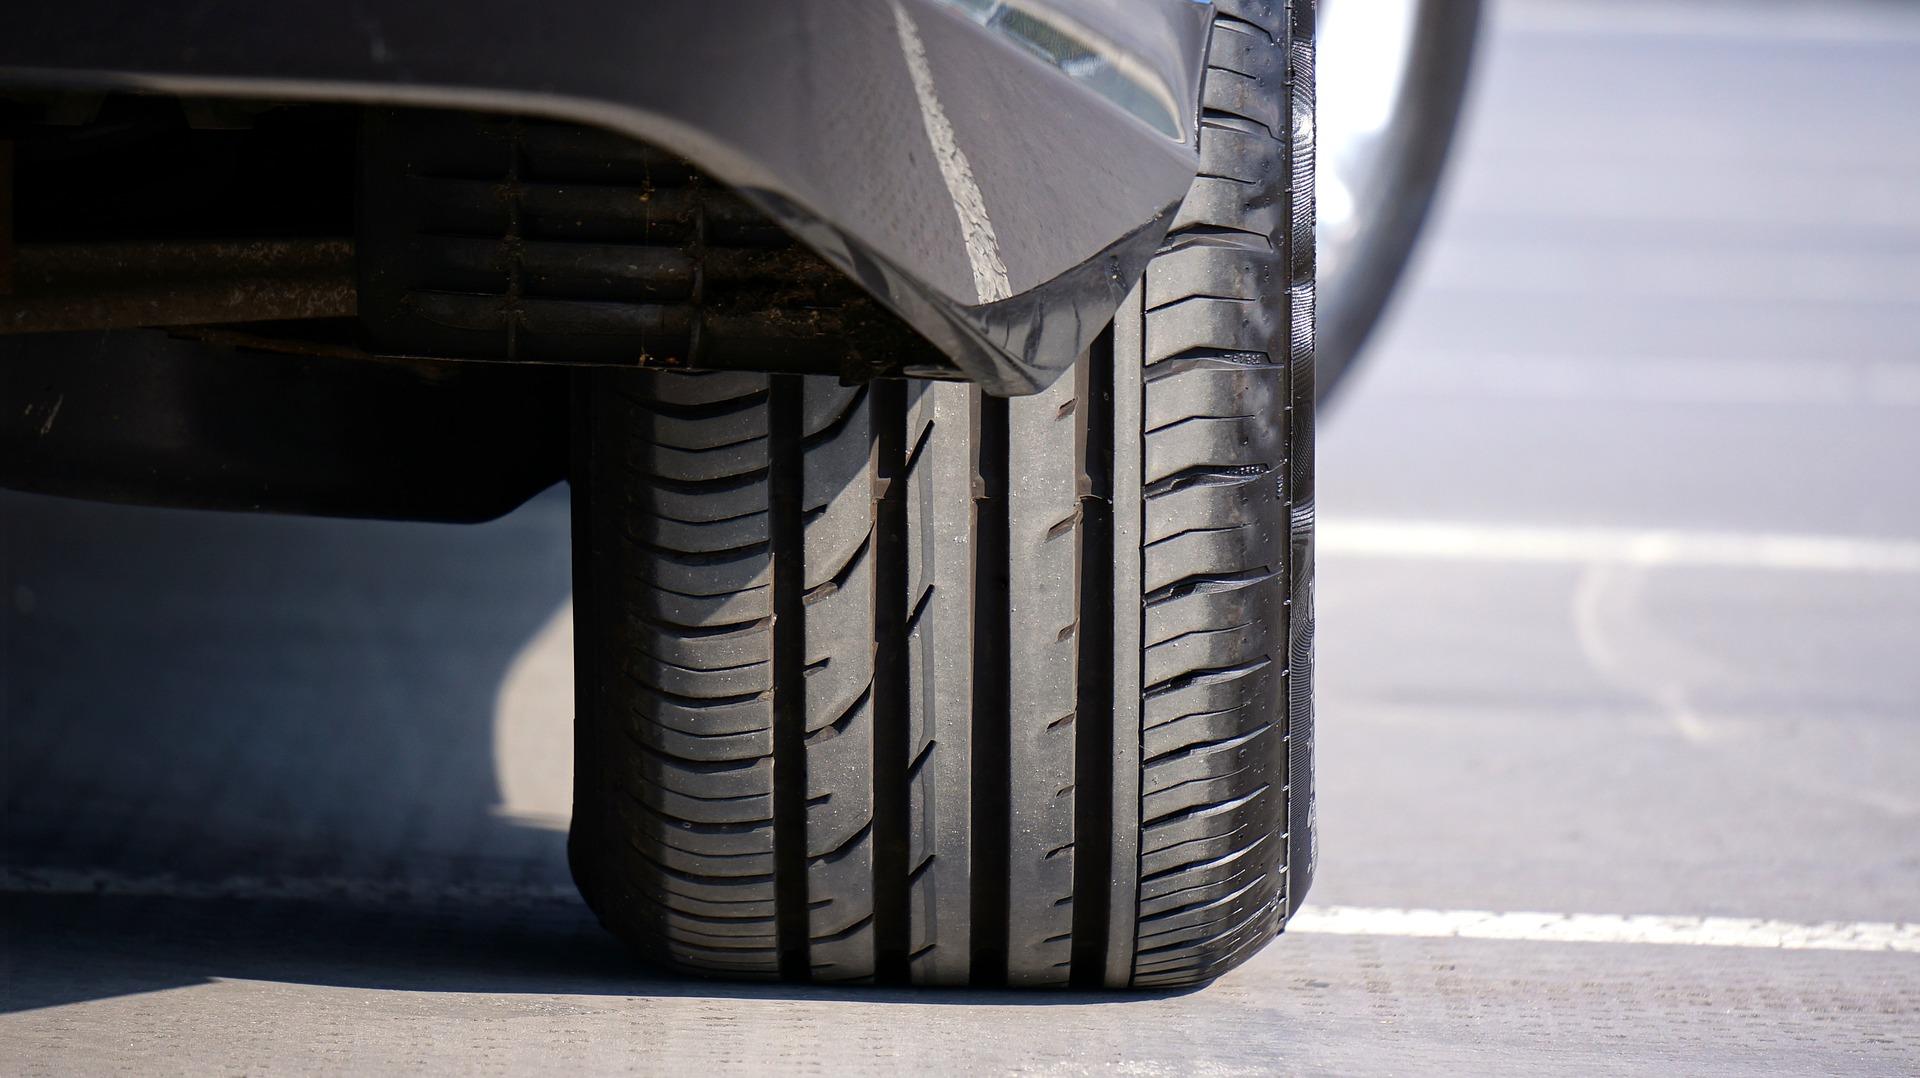 Affinez vos connaissances sur le parallélisme de votre voiture 1